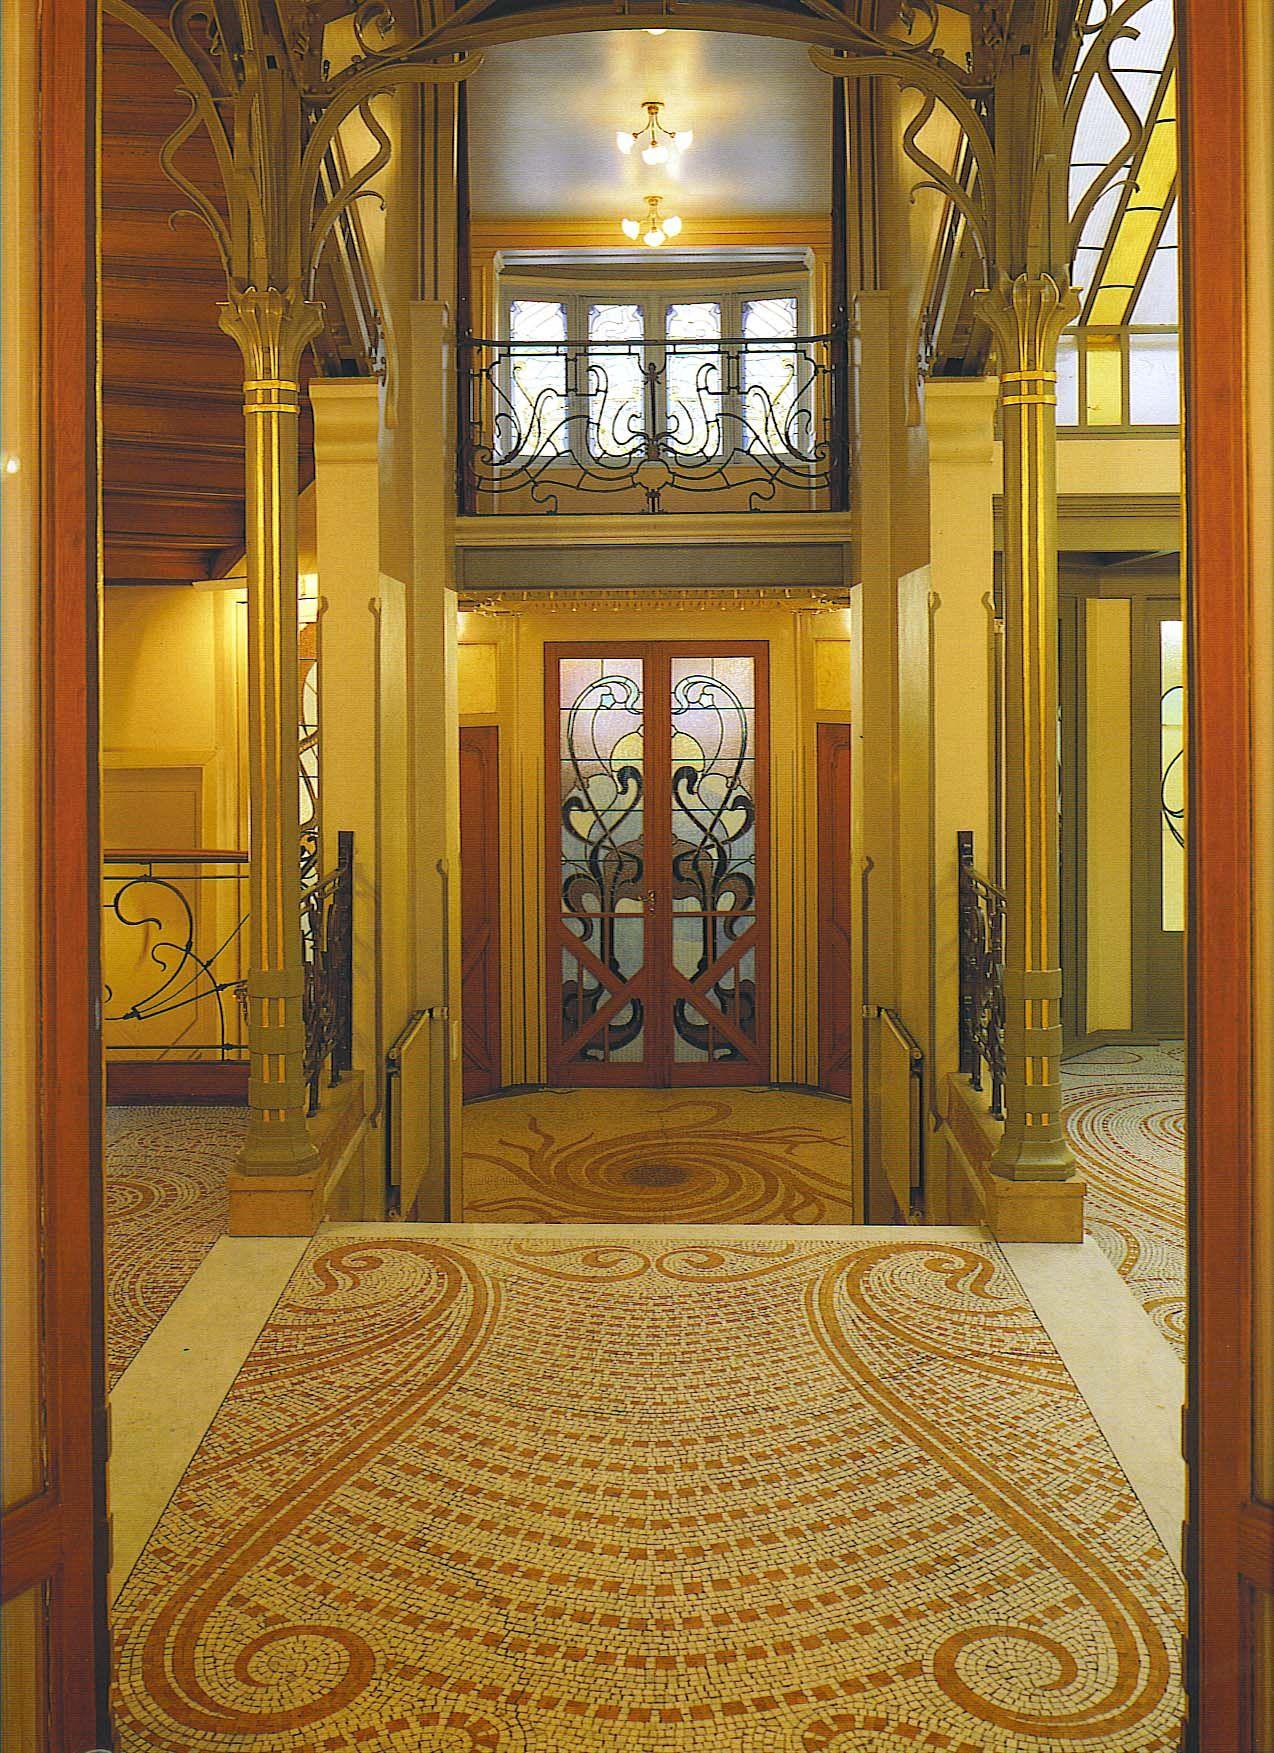 Mekan Victor Horta Innovative Architecturehistoric Architectureart Nouveau Architectureart Nouveau Interiorart